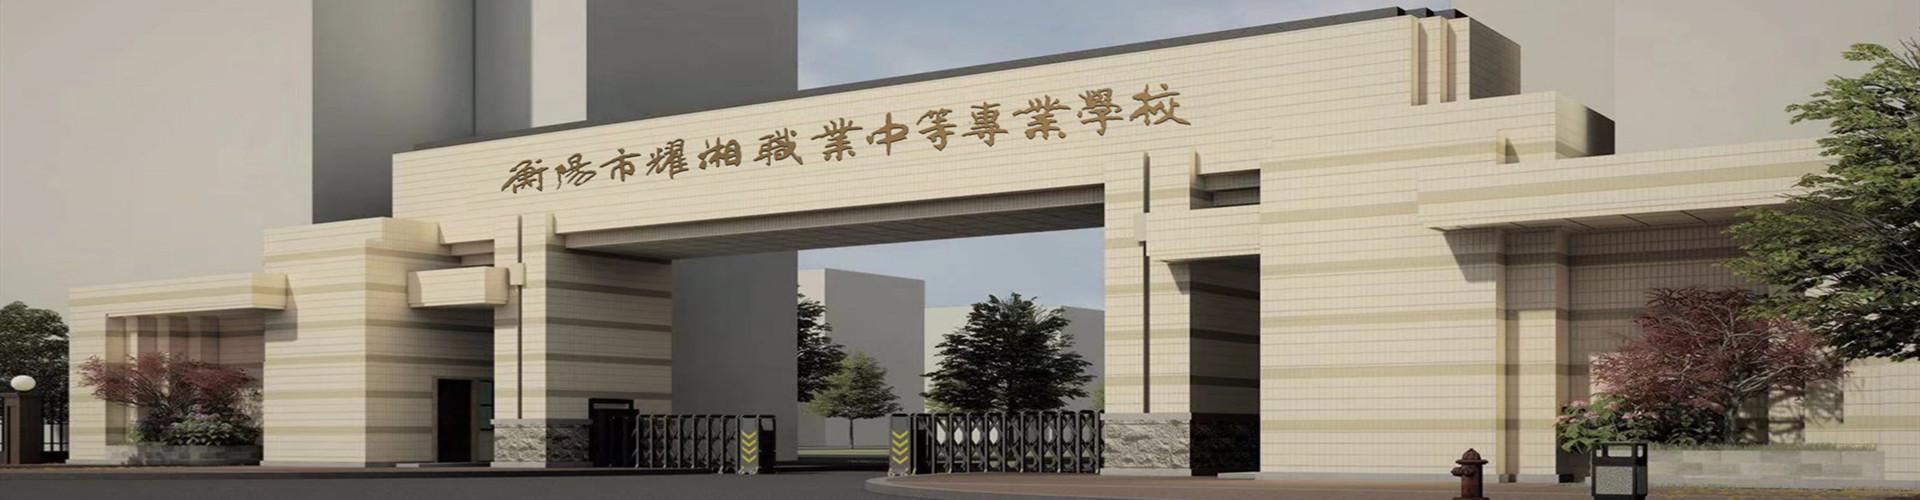 衡阳市耀湘职业中等专业学校